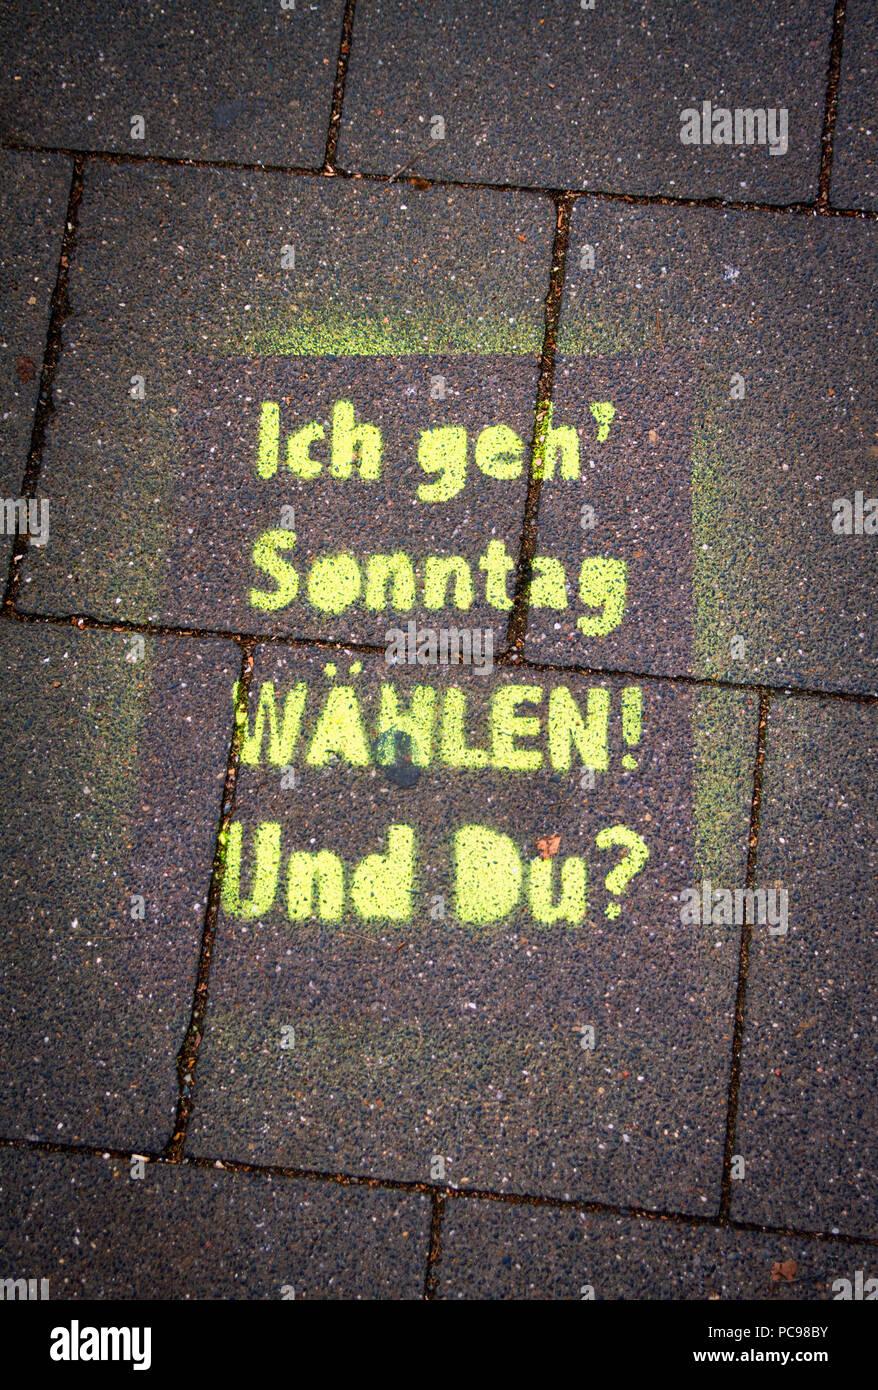 Graffiti,scegliere,prompt,suffragio Immagini Stock